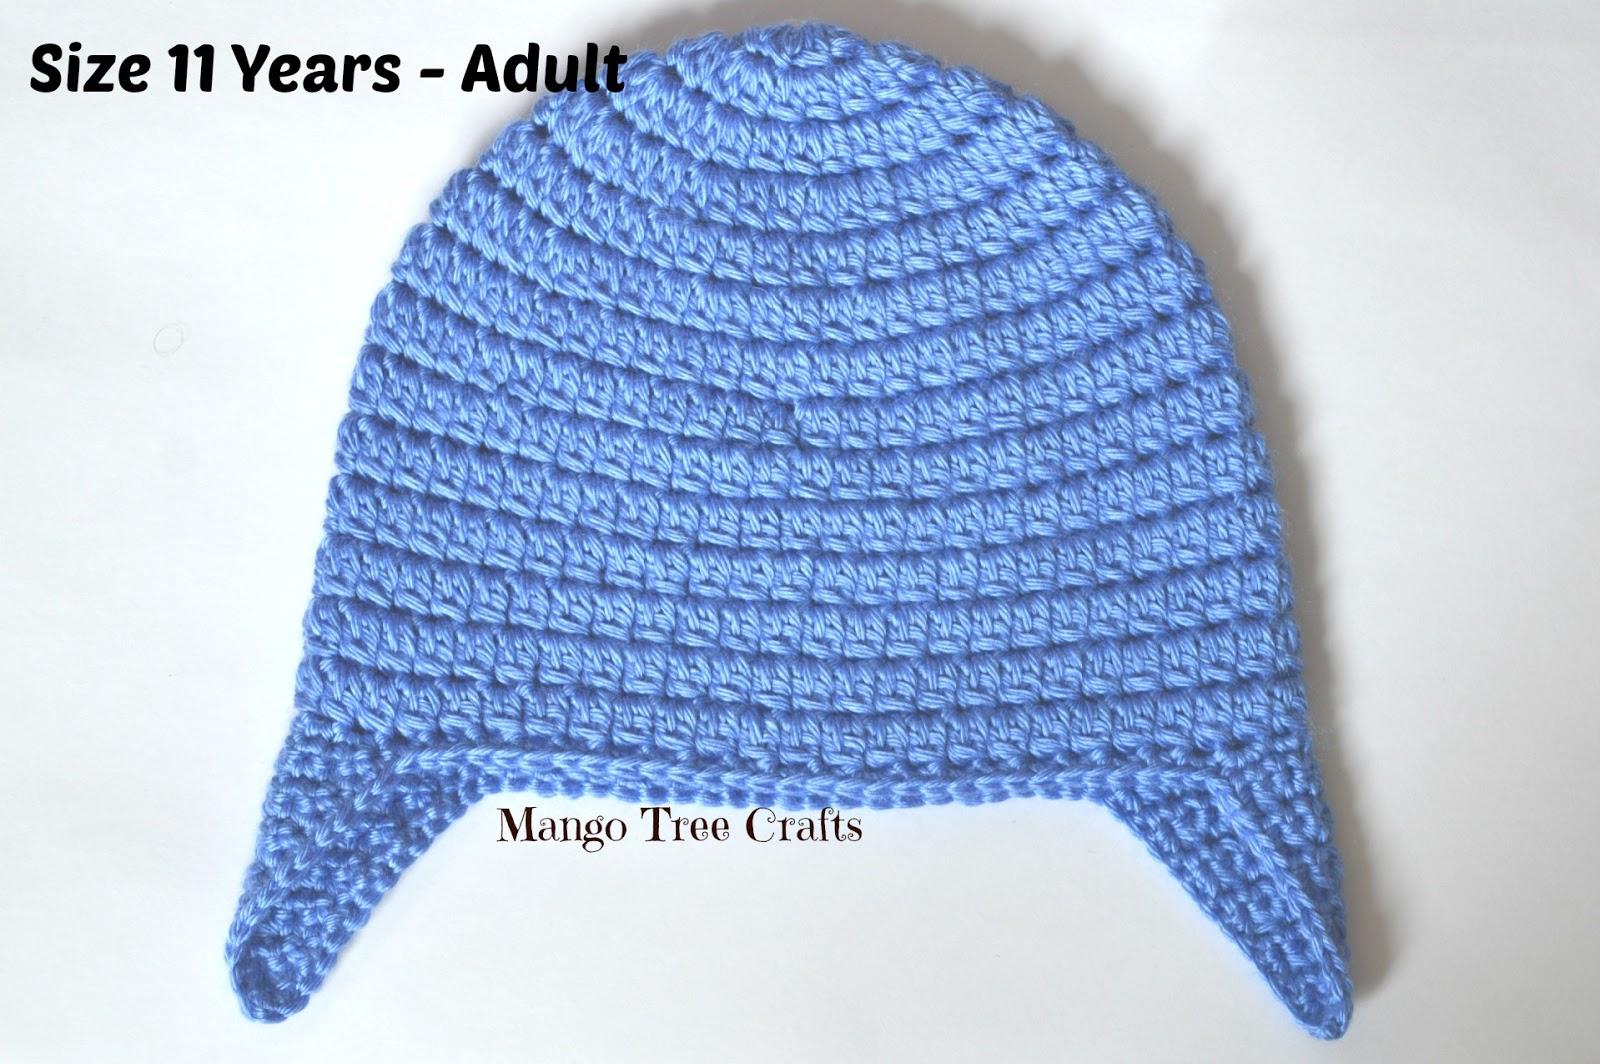 Basic Crochet Ear Flap Hat Pattern in 7 Sizes 68c8a95e048